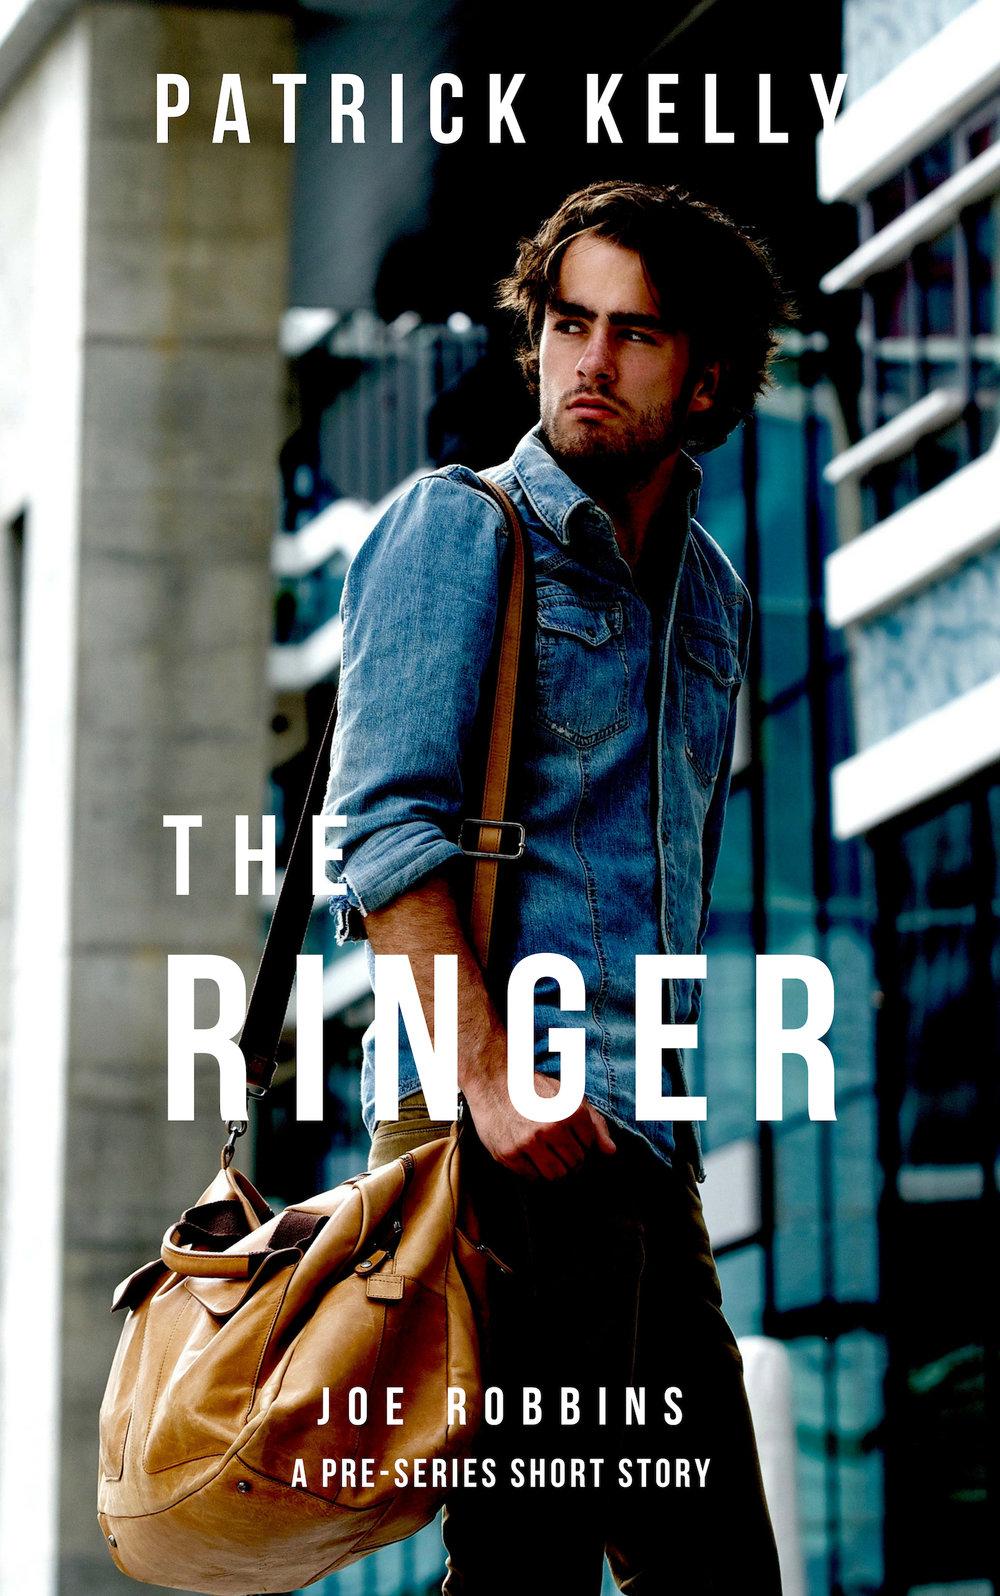 THE RINGER FINAL COVER.jpg